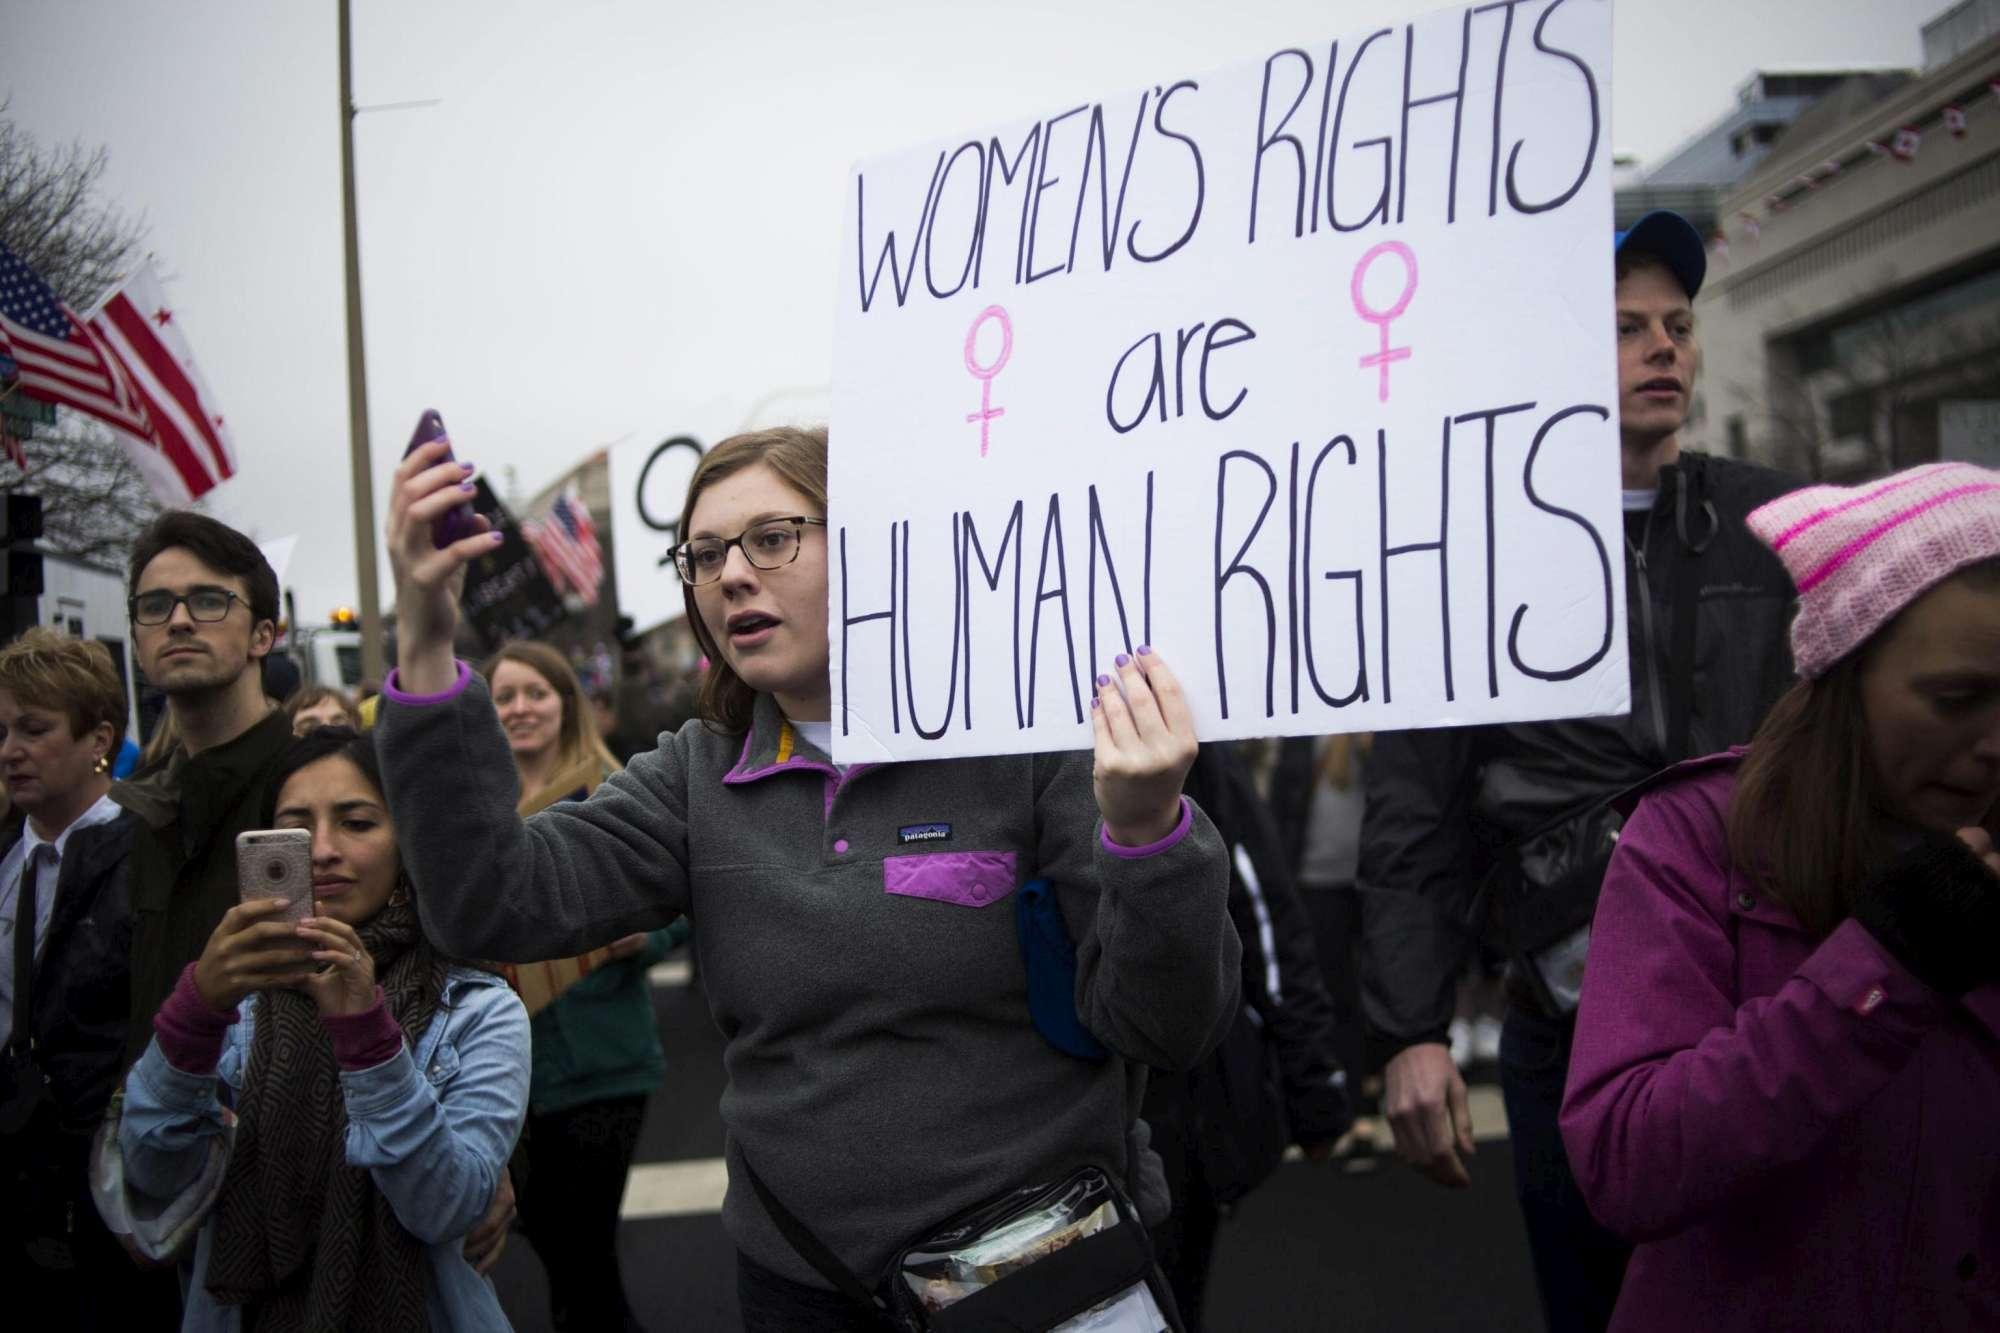 La  Marcia delle donne  contro Trump, in migliaia scendono nelle piazze di tutto il mondo